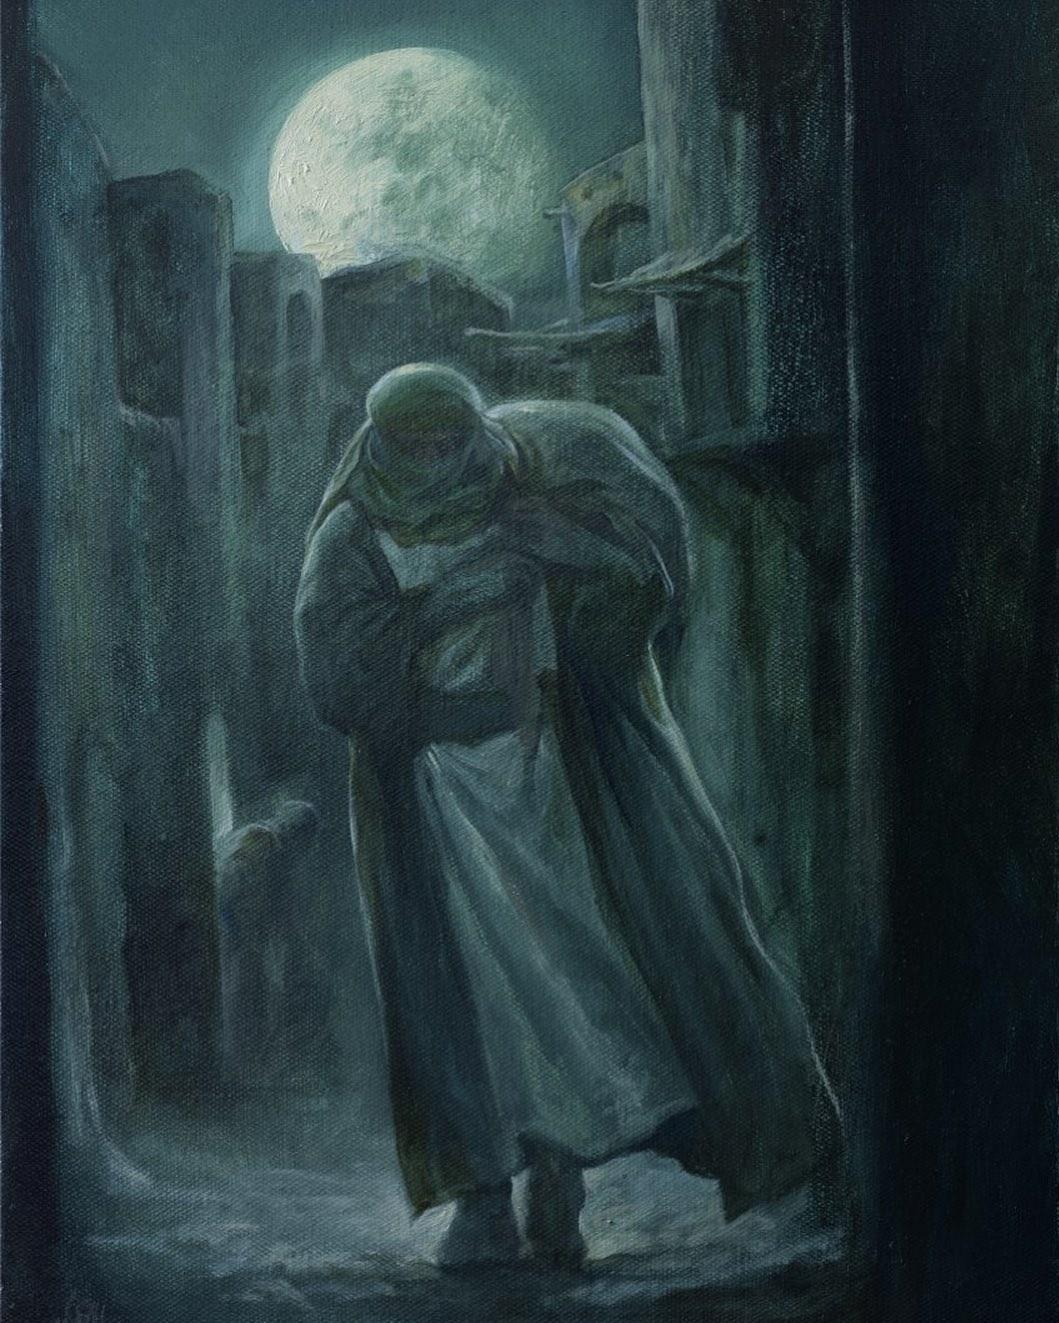 نقاشی , حسن روح الامین , هنرهای تجسمی , ماه مبارک رمضان , شبهای قدر , امام علی (ع)| حضرت علی (ع) ,